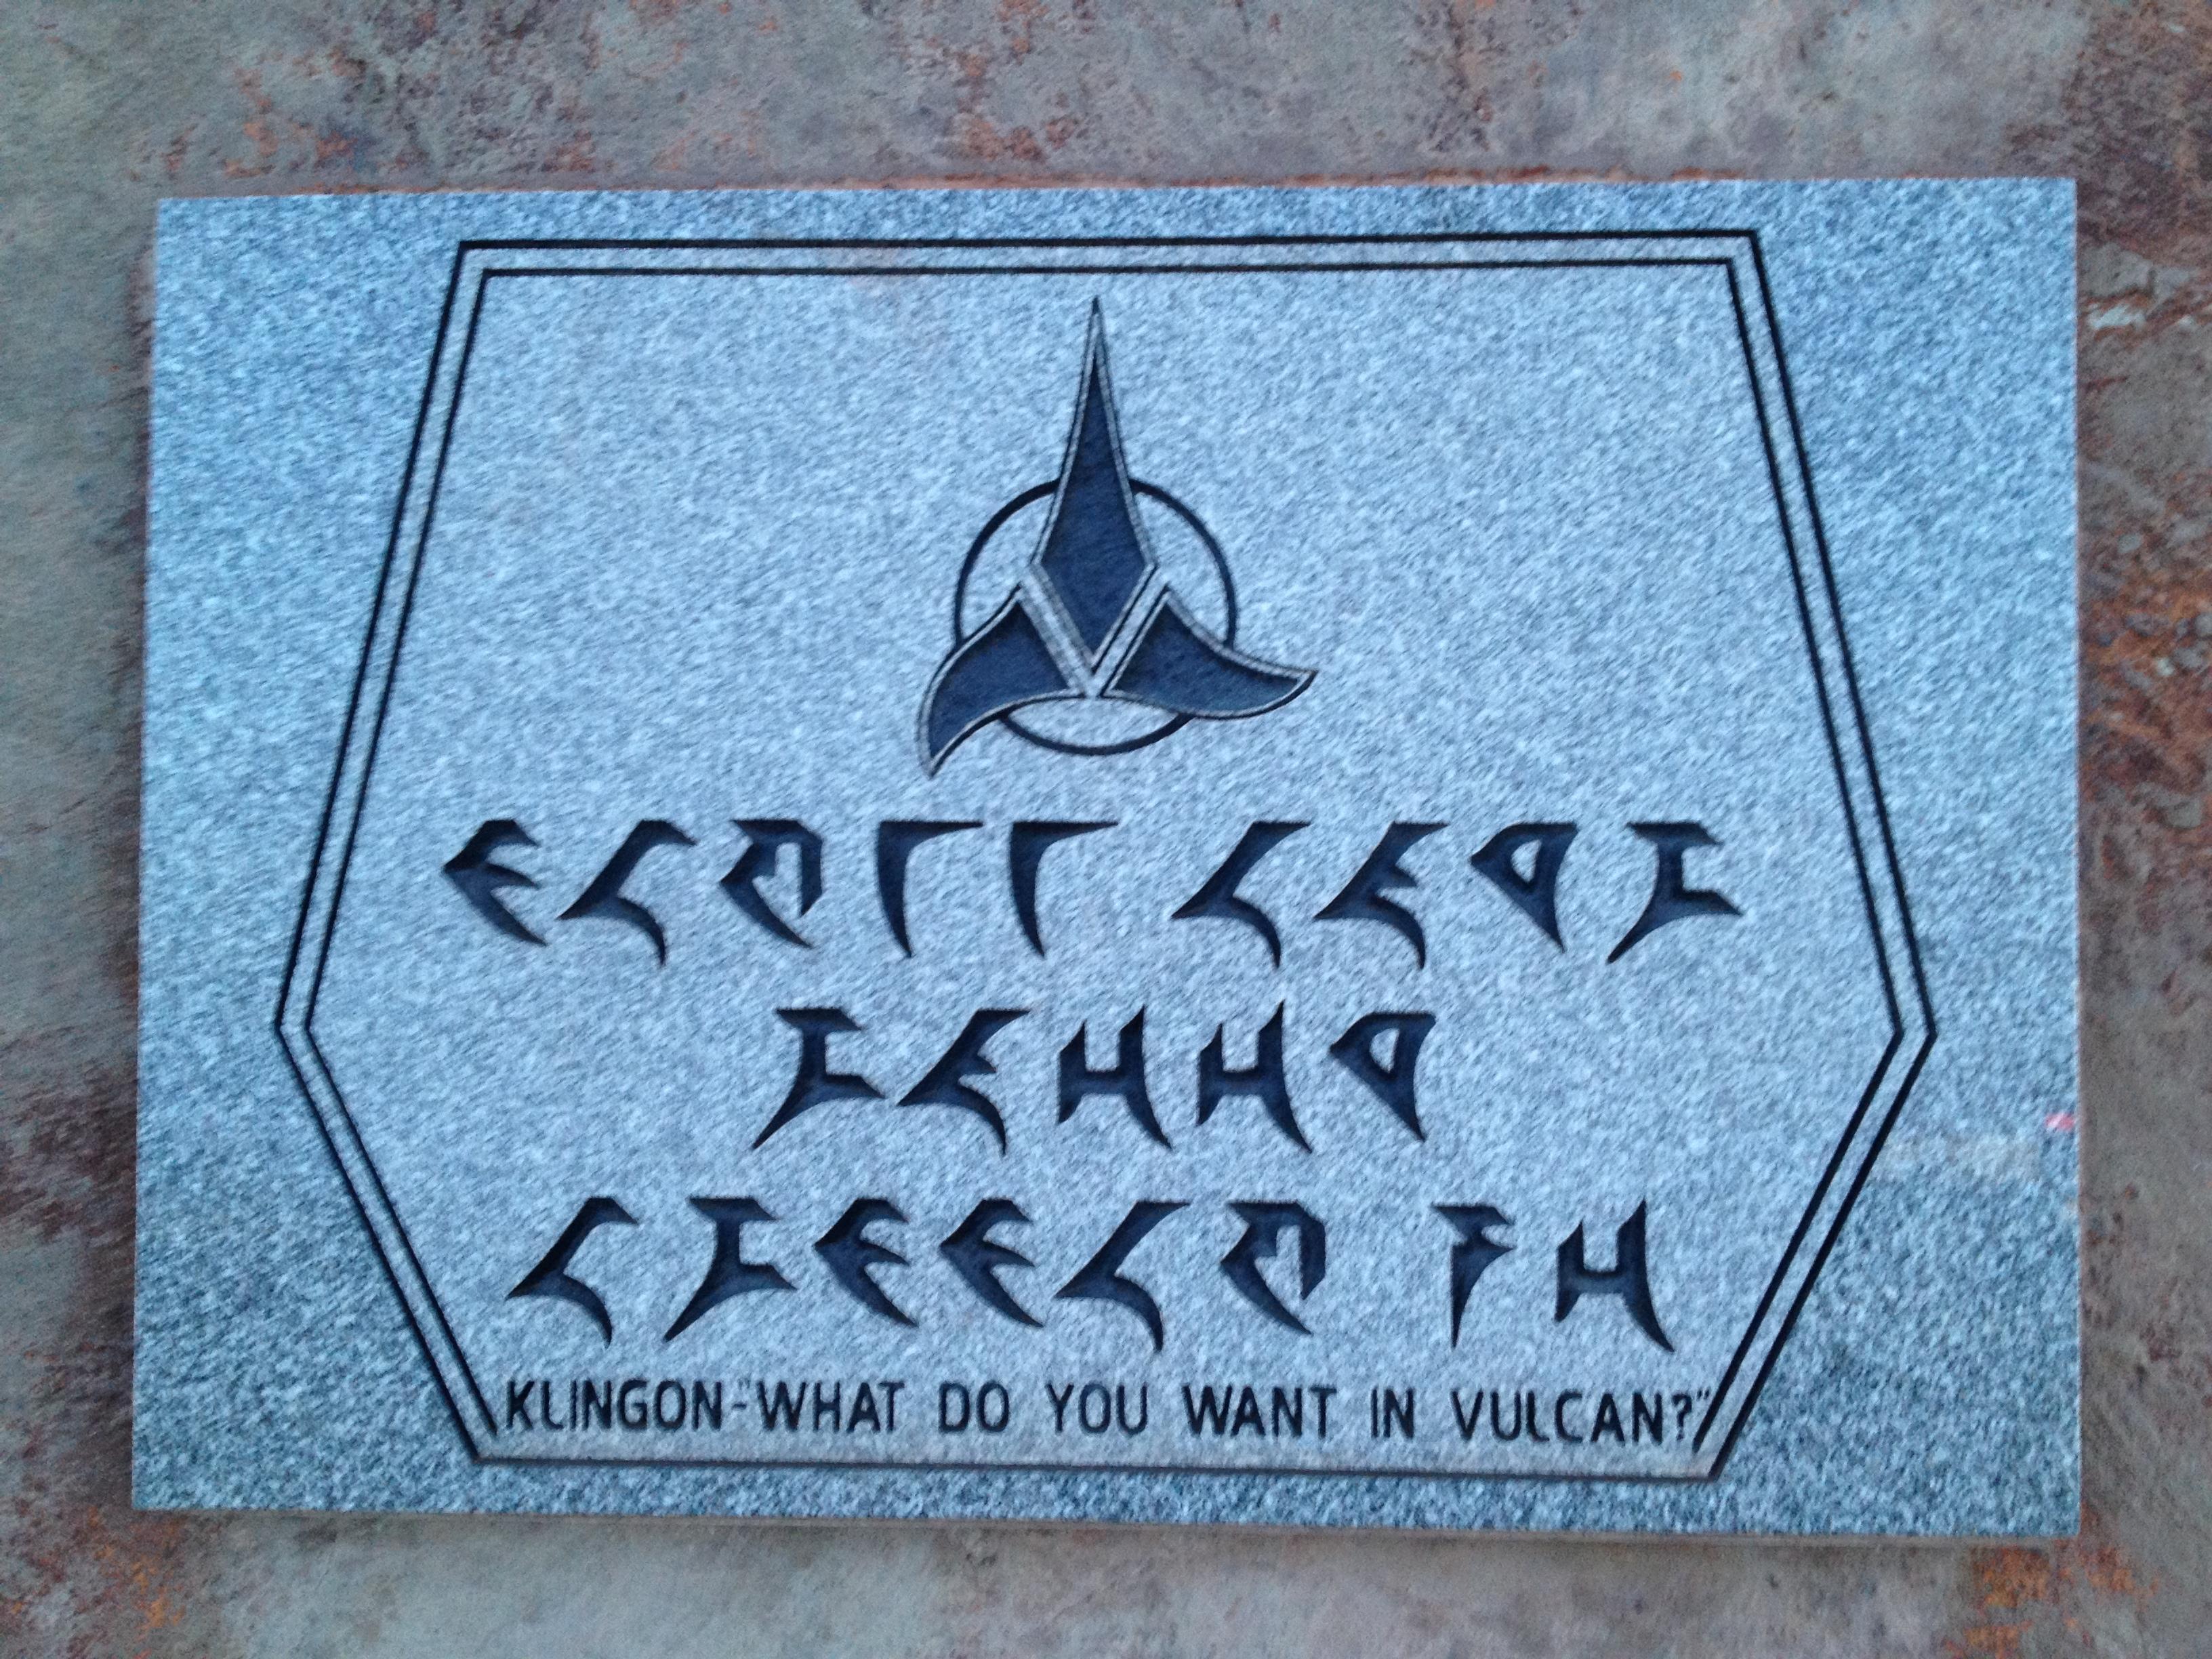 Klingon sign